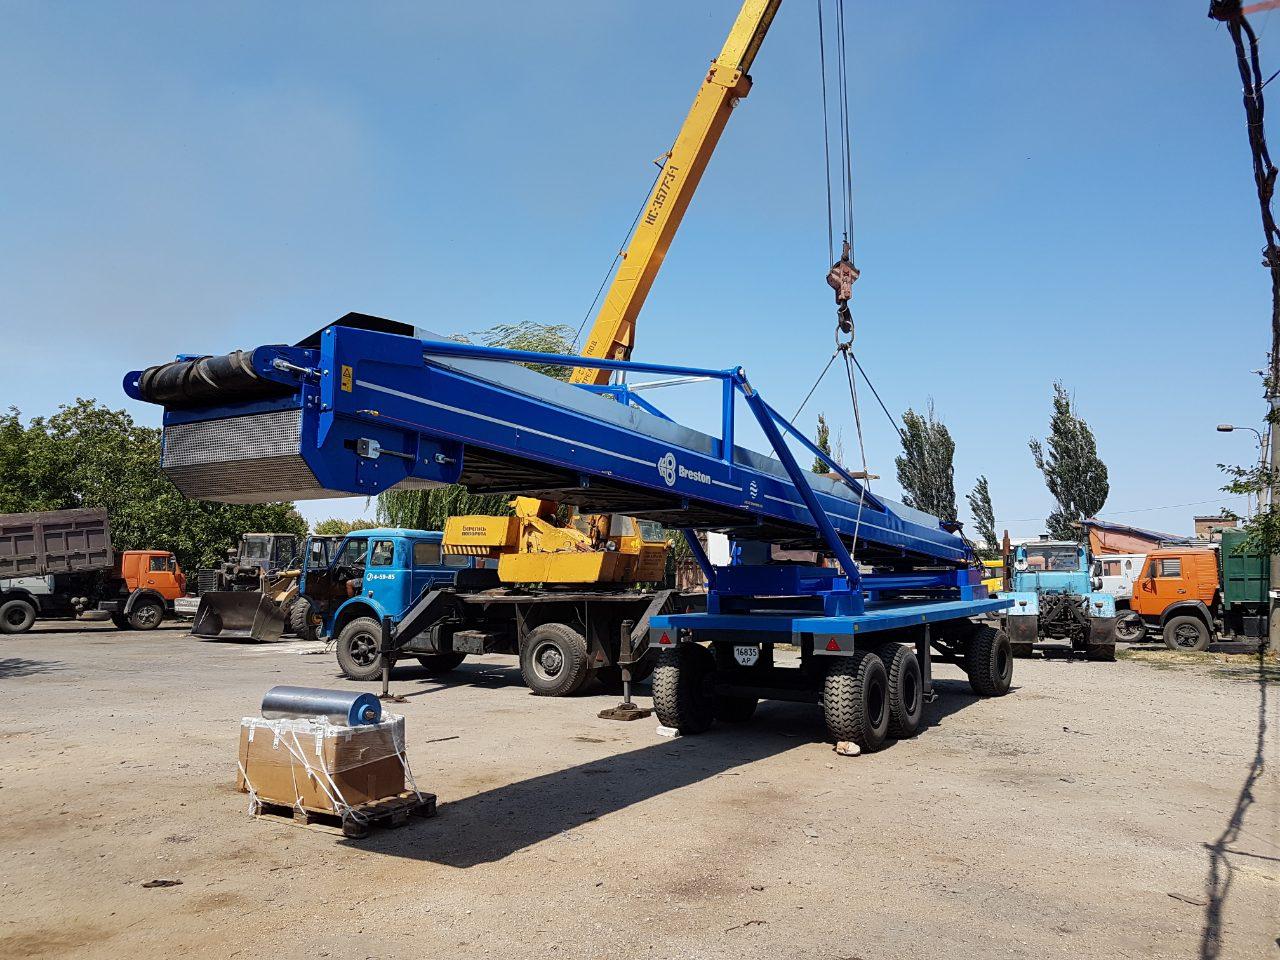 Transportation of handling equipment for bulk goods, фото-2